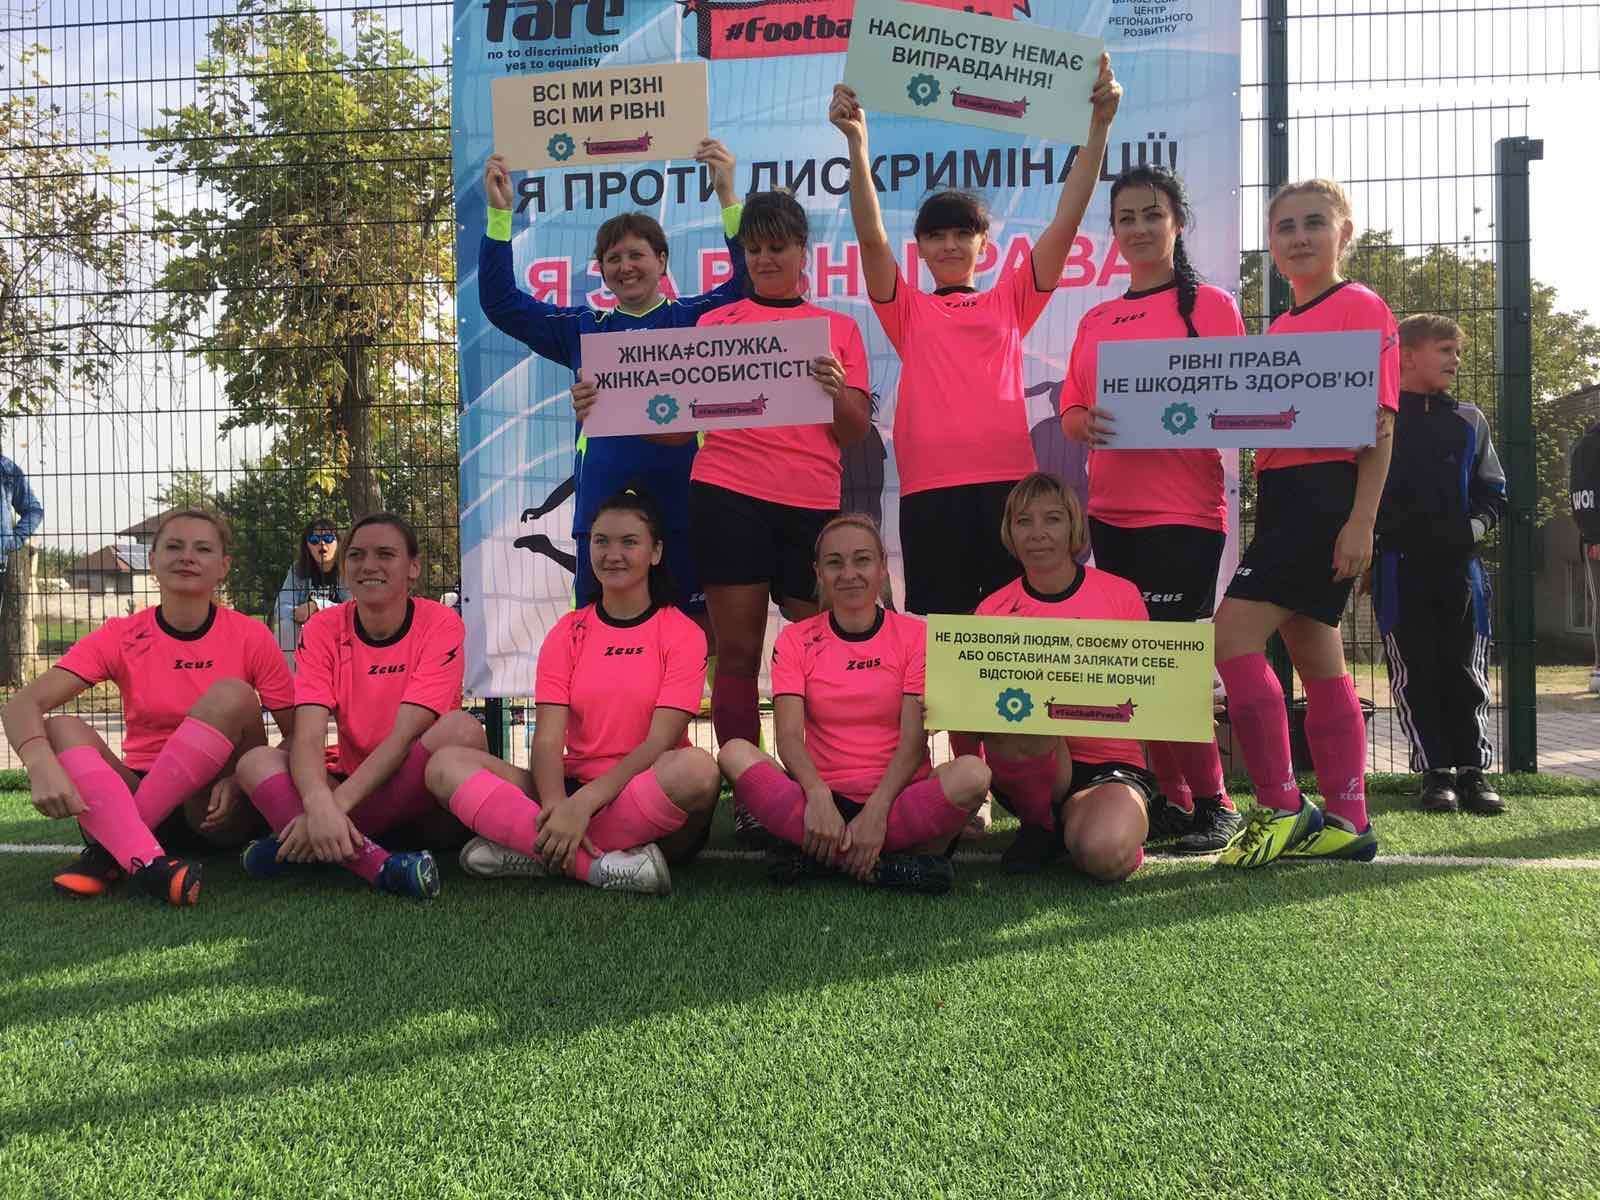 """На Херсонщині відбувся Товариський турнір """"За рівні права!"""" з міні-футболу серед жіночих команд"""